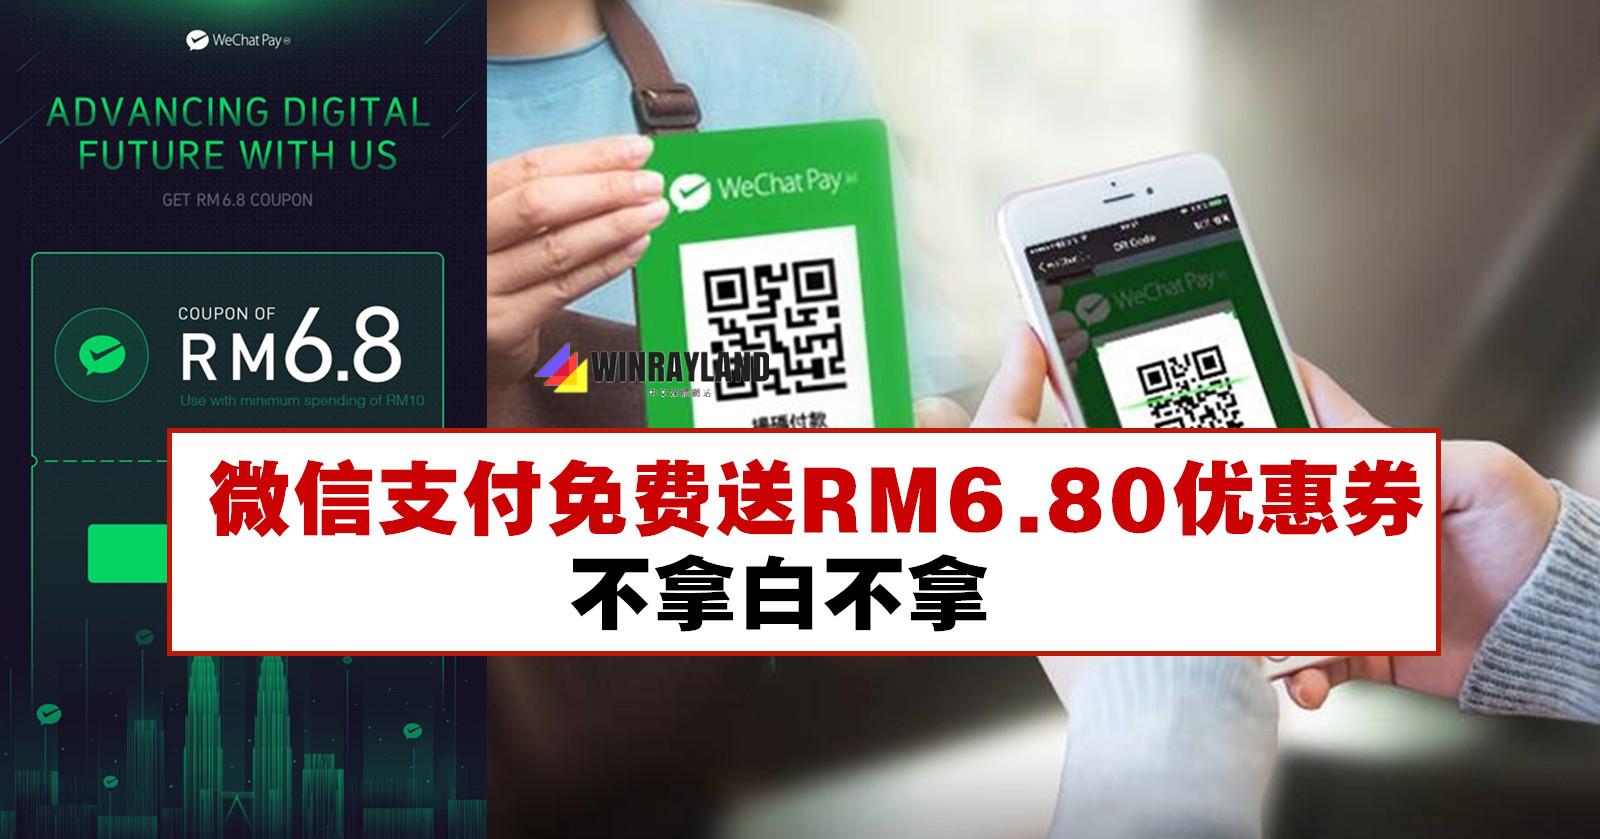 微信支付免费送RM6.80优惠券,不拿白不拿